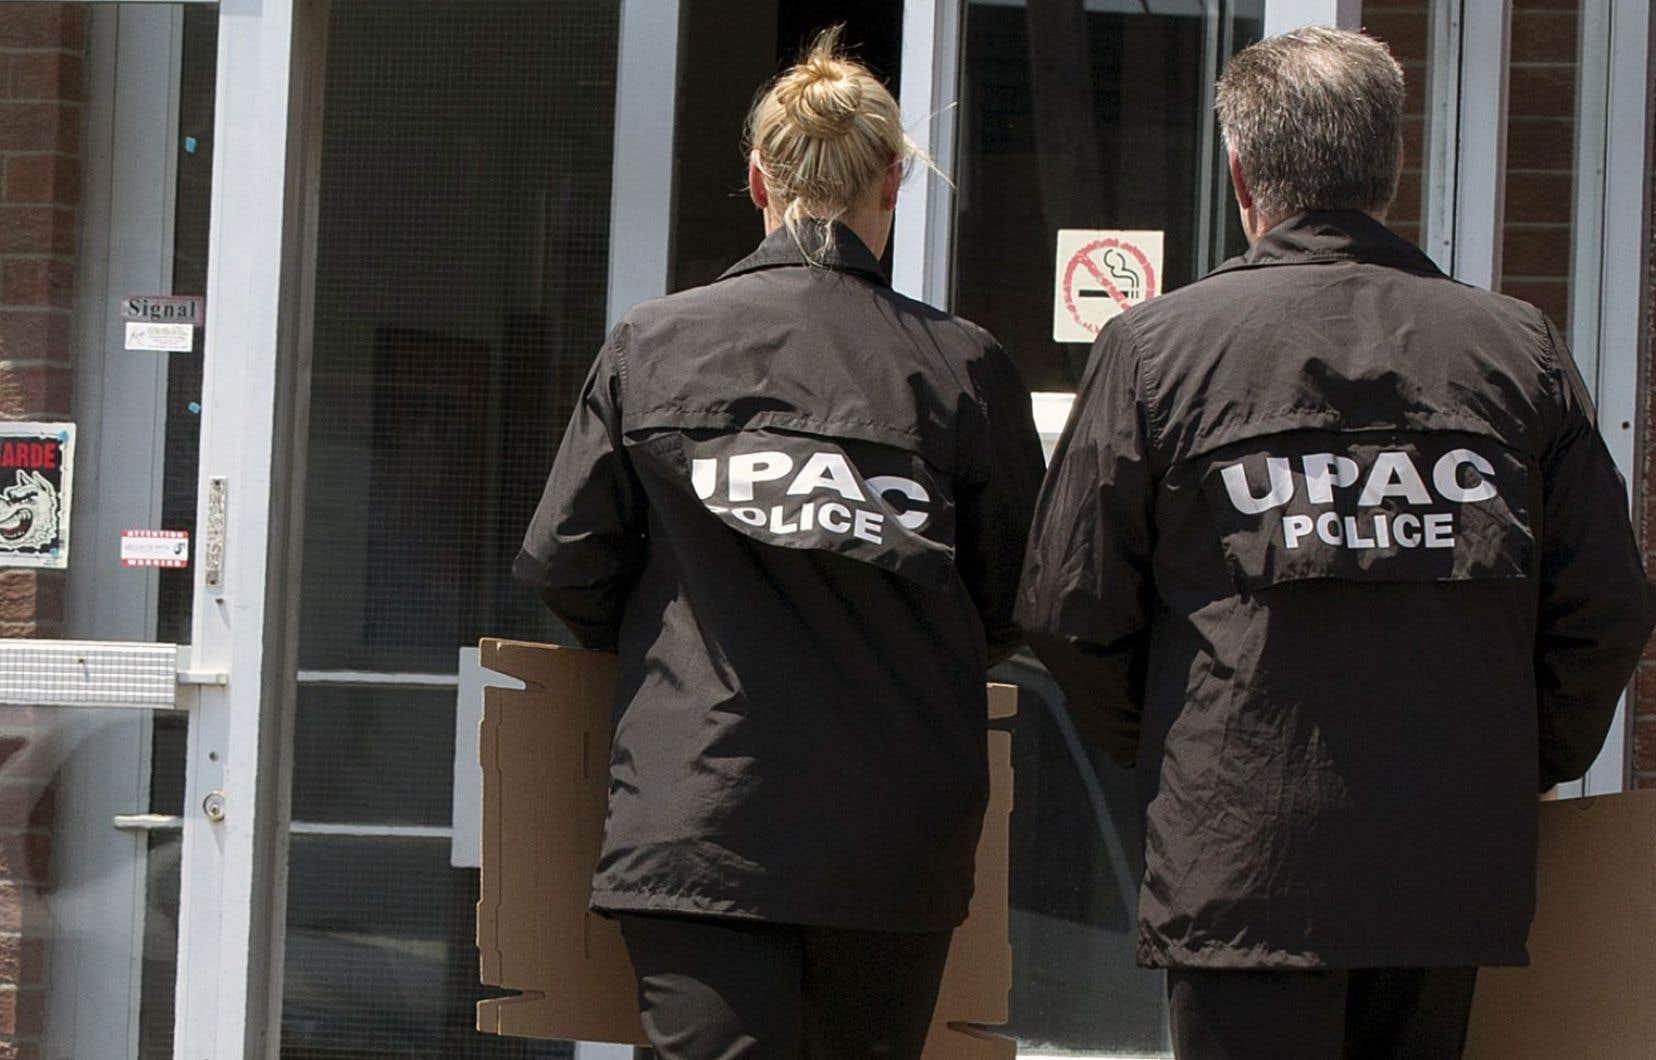 «Il est crucial que l'UPAC identifie rapidement l'origine des fuites et prenne les mesures appropriées [...]», estime l'auteur.